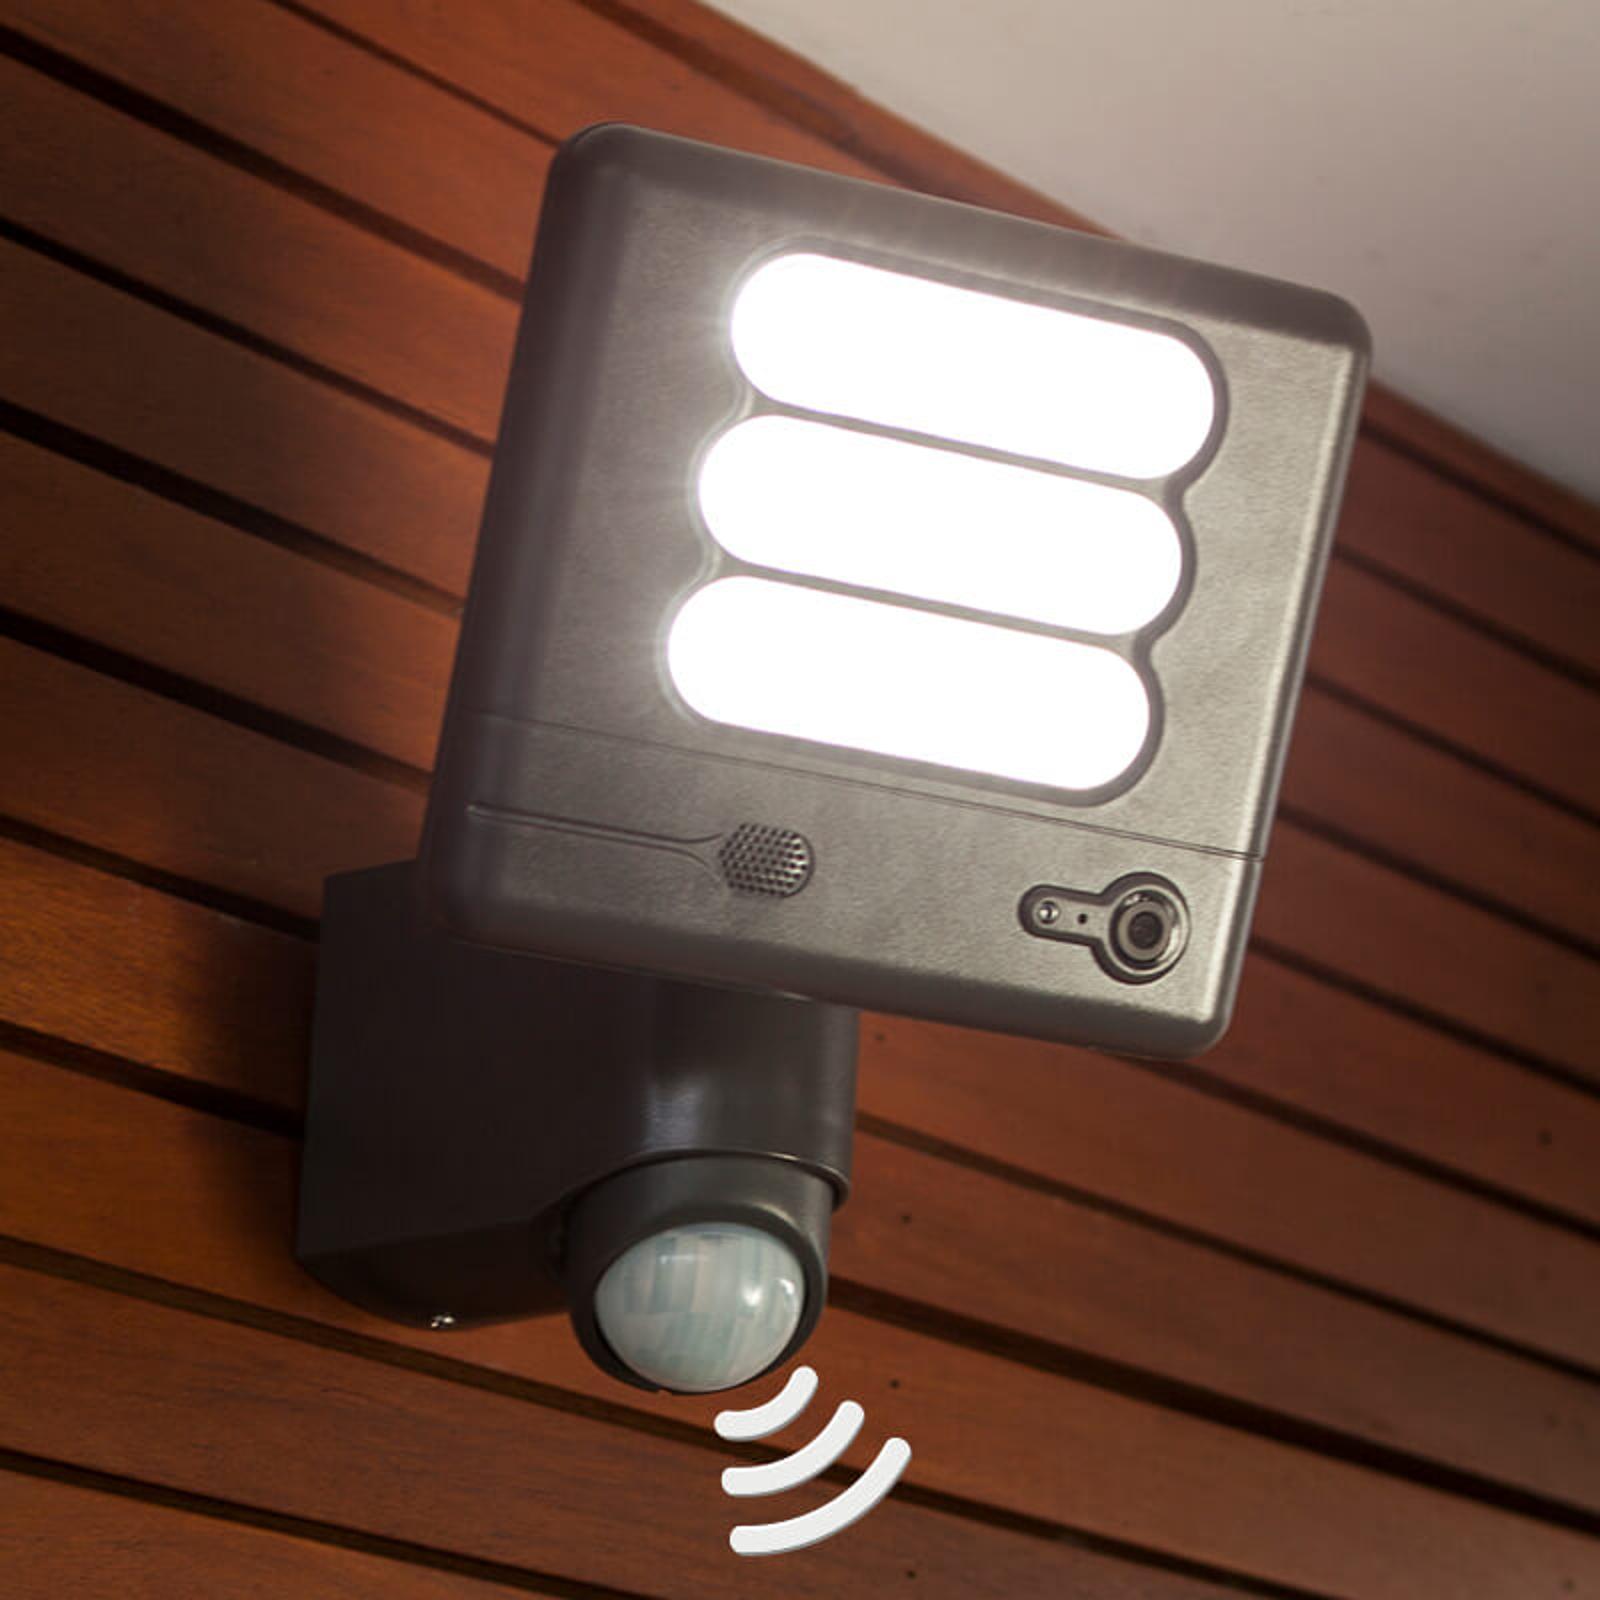 Esa Cam - LED-vägglampa och övervakningskamera